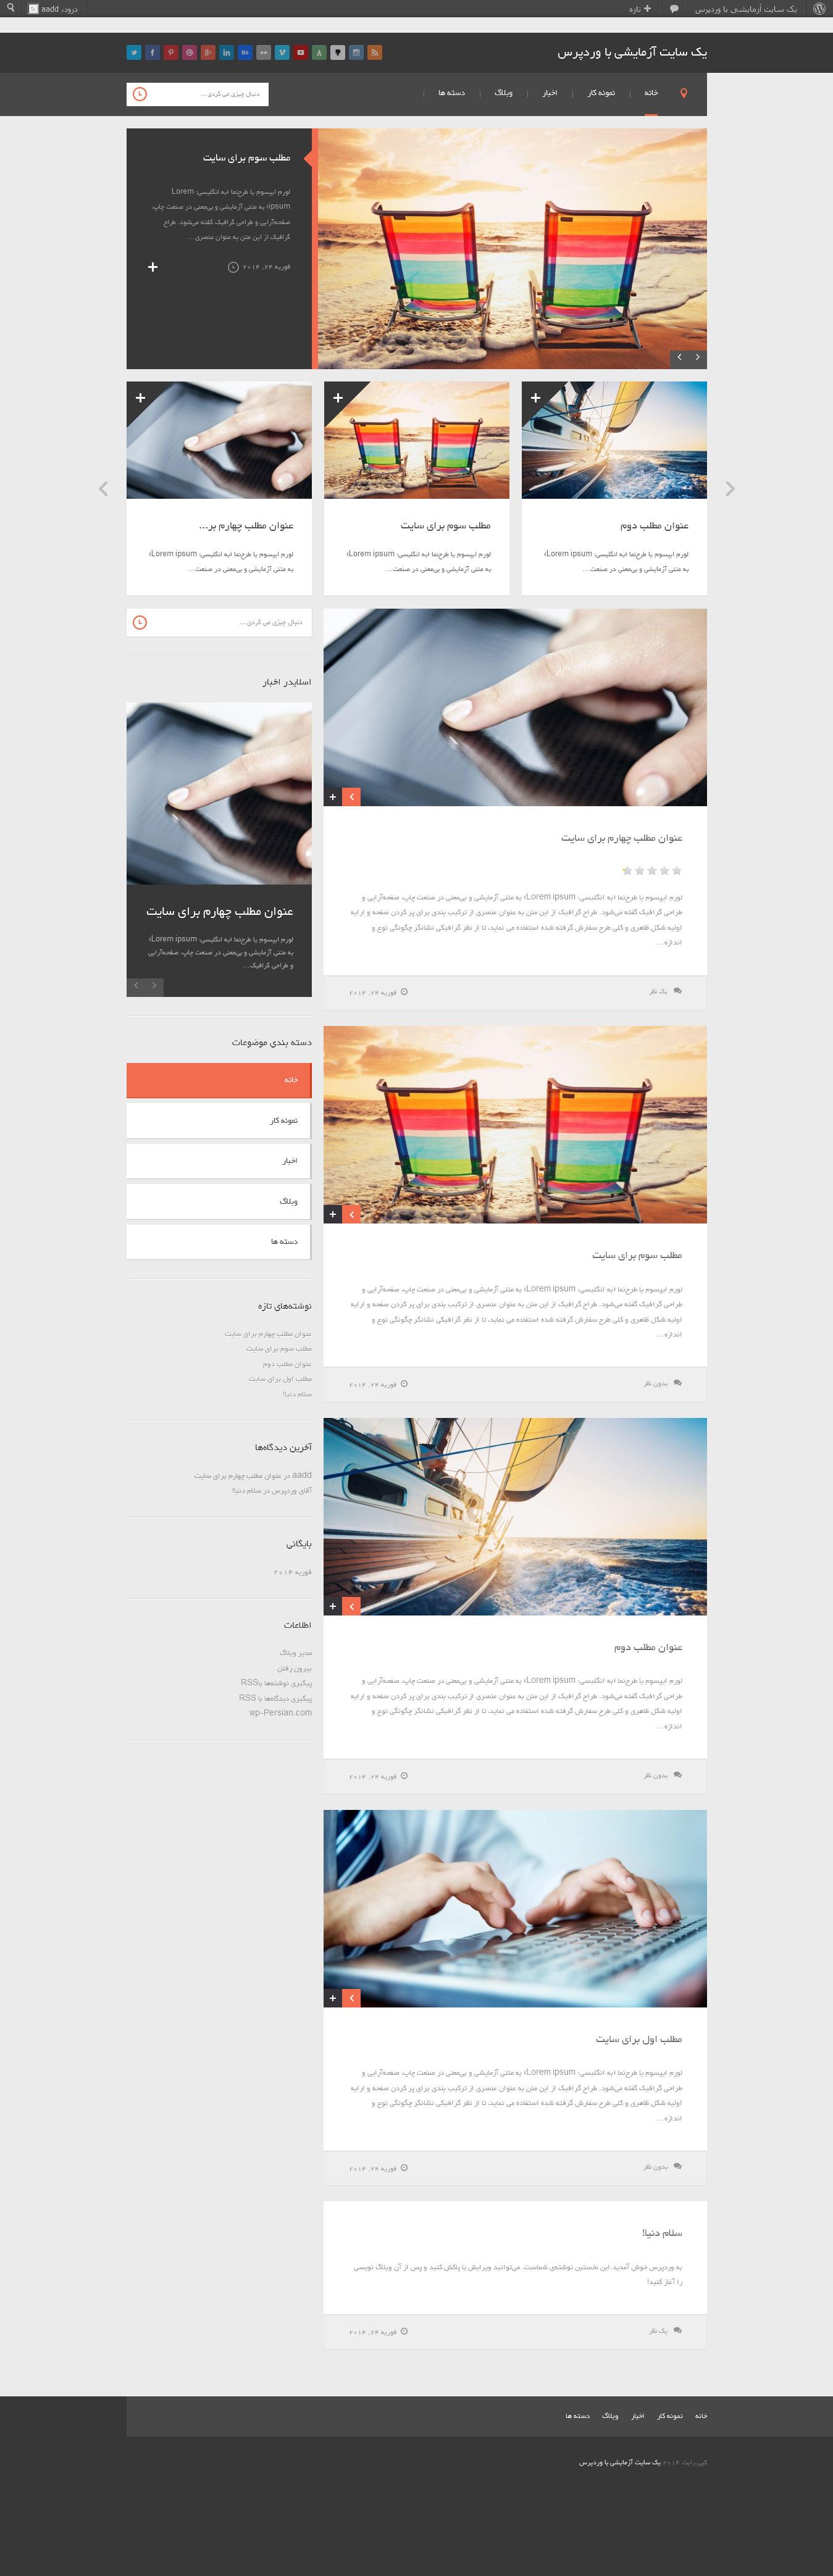 قالب وردپرس وبلاگ Googinc با پنل تنظیماتی کاملا فارسی